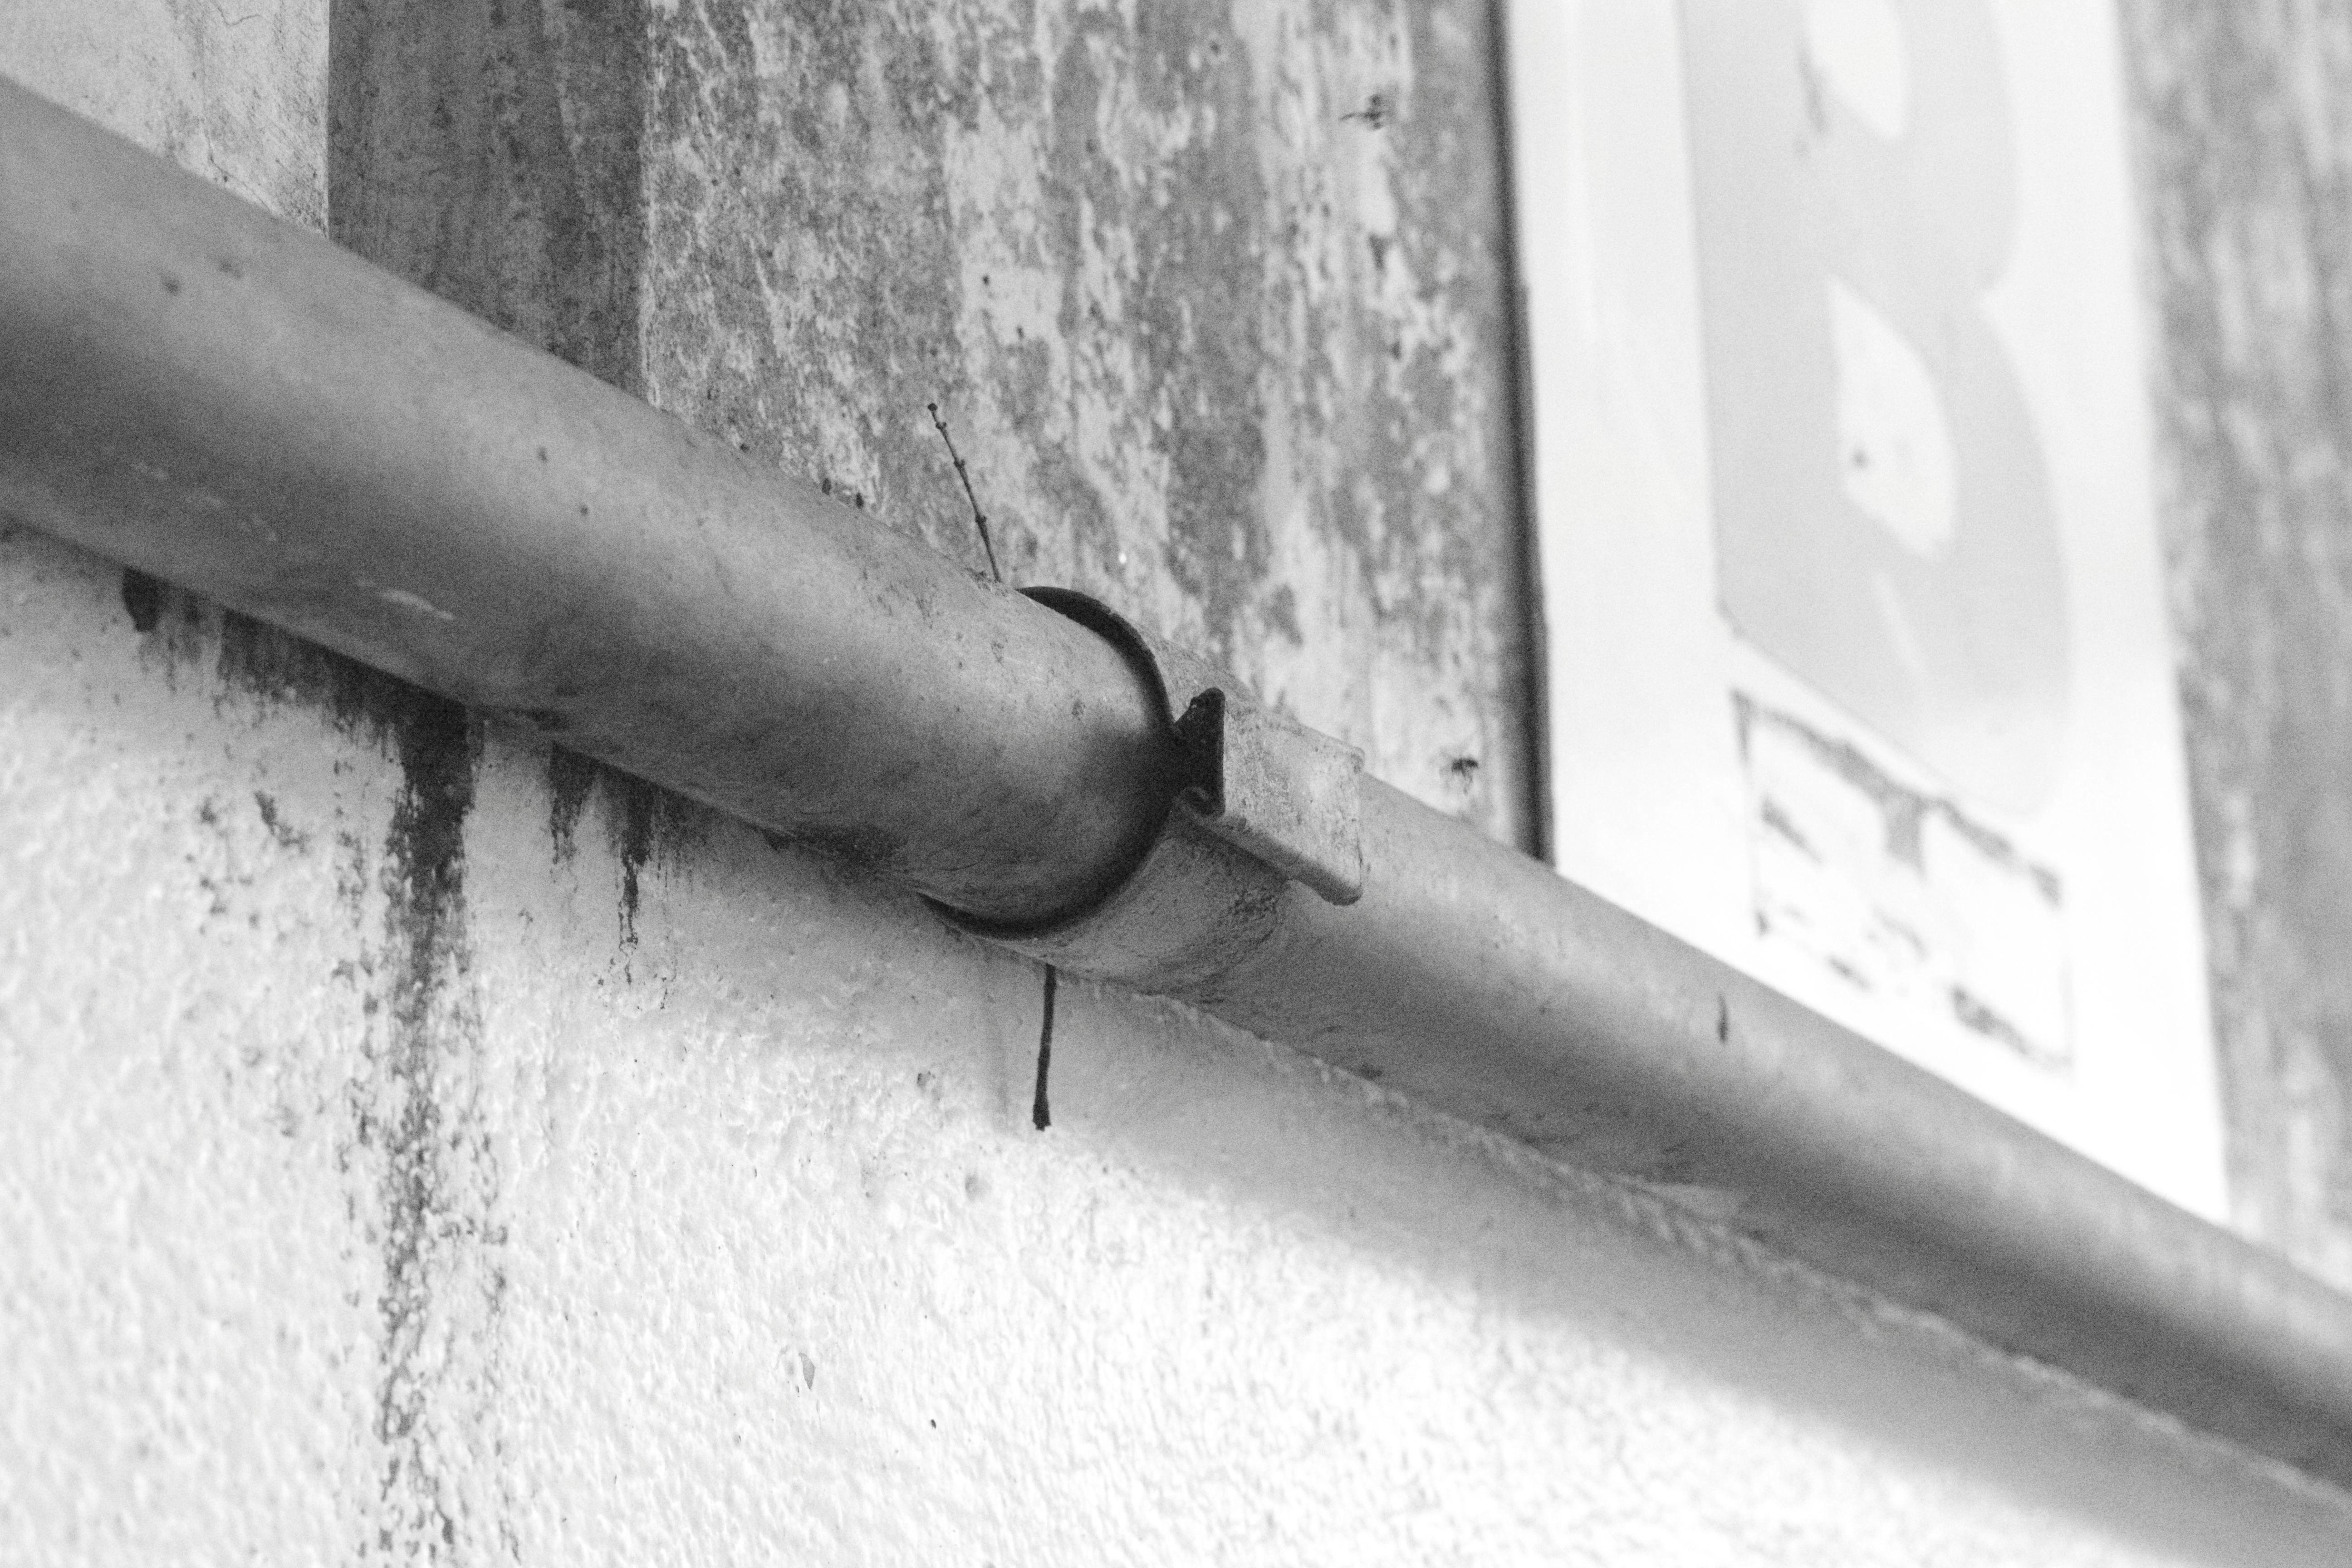 Detalhe arquitetônico - por Luiza Schiavo Belleza, 8C.  A foto mostra um detalhe arquitetônico. Eu estava passando na escola para voltar para a sala e vi o cano. Achei interessante a disposição do cano no espaço e o formato do que prende o cano na parede. É um detalhe pequeno e a primeira vista até insignificante mas, dependendo do ponto de  vista pode se tornar bem legal.